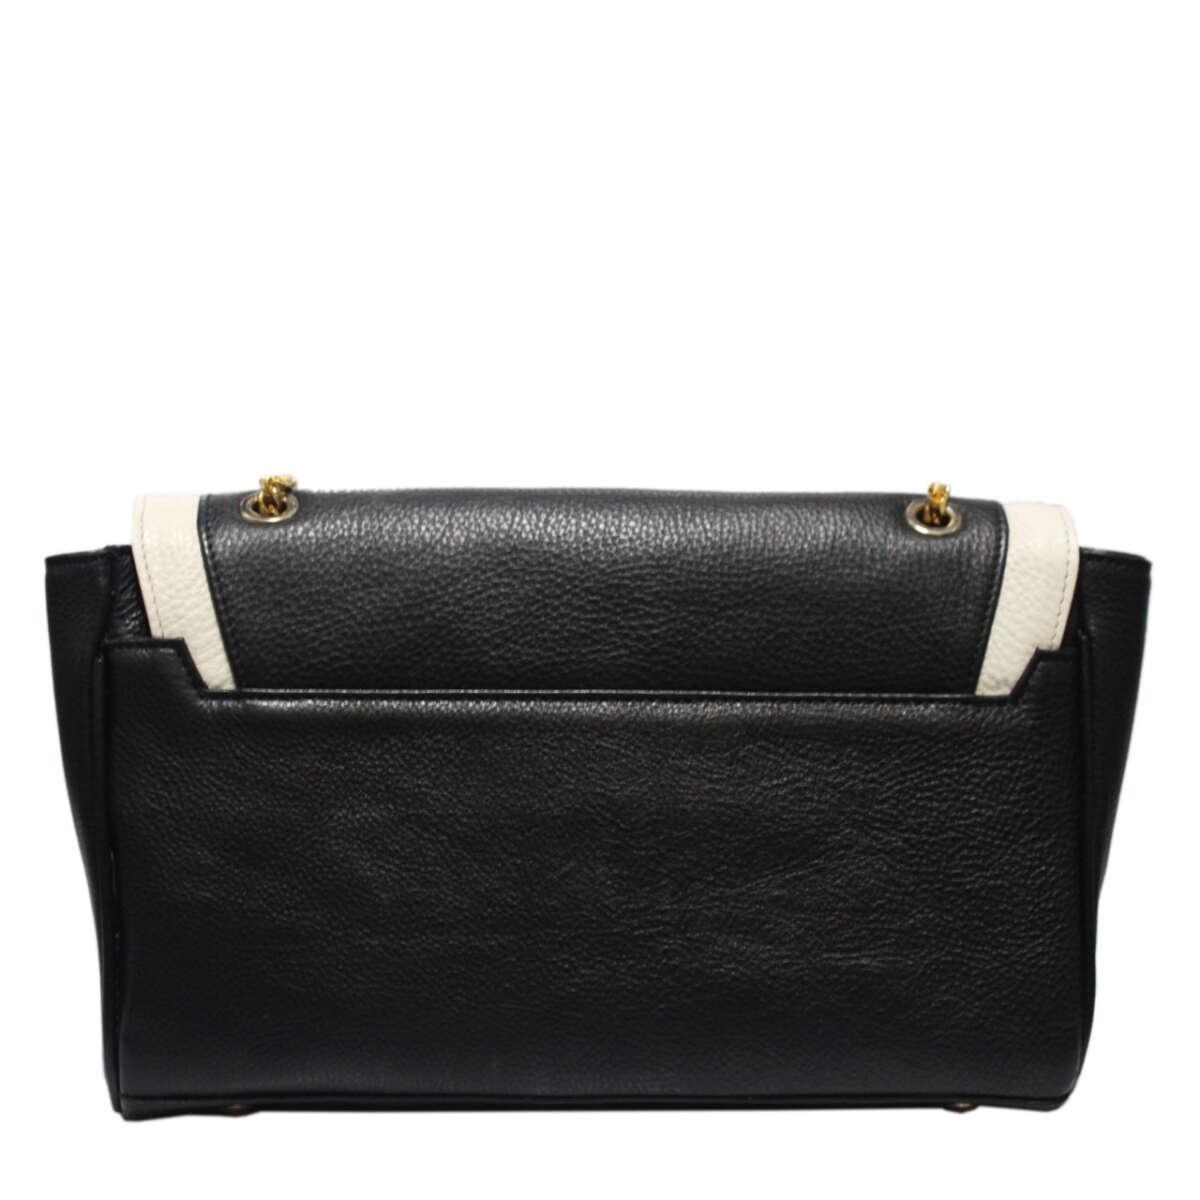 Túi đeo chéo nữ da bò B126a